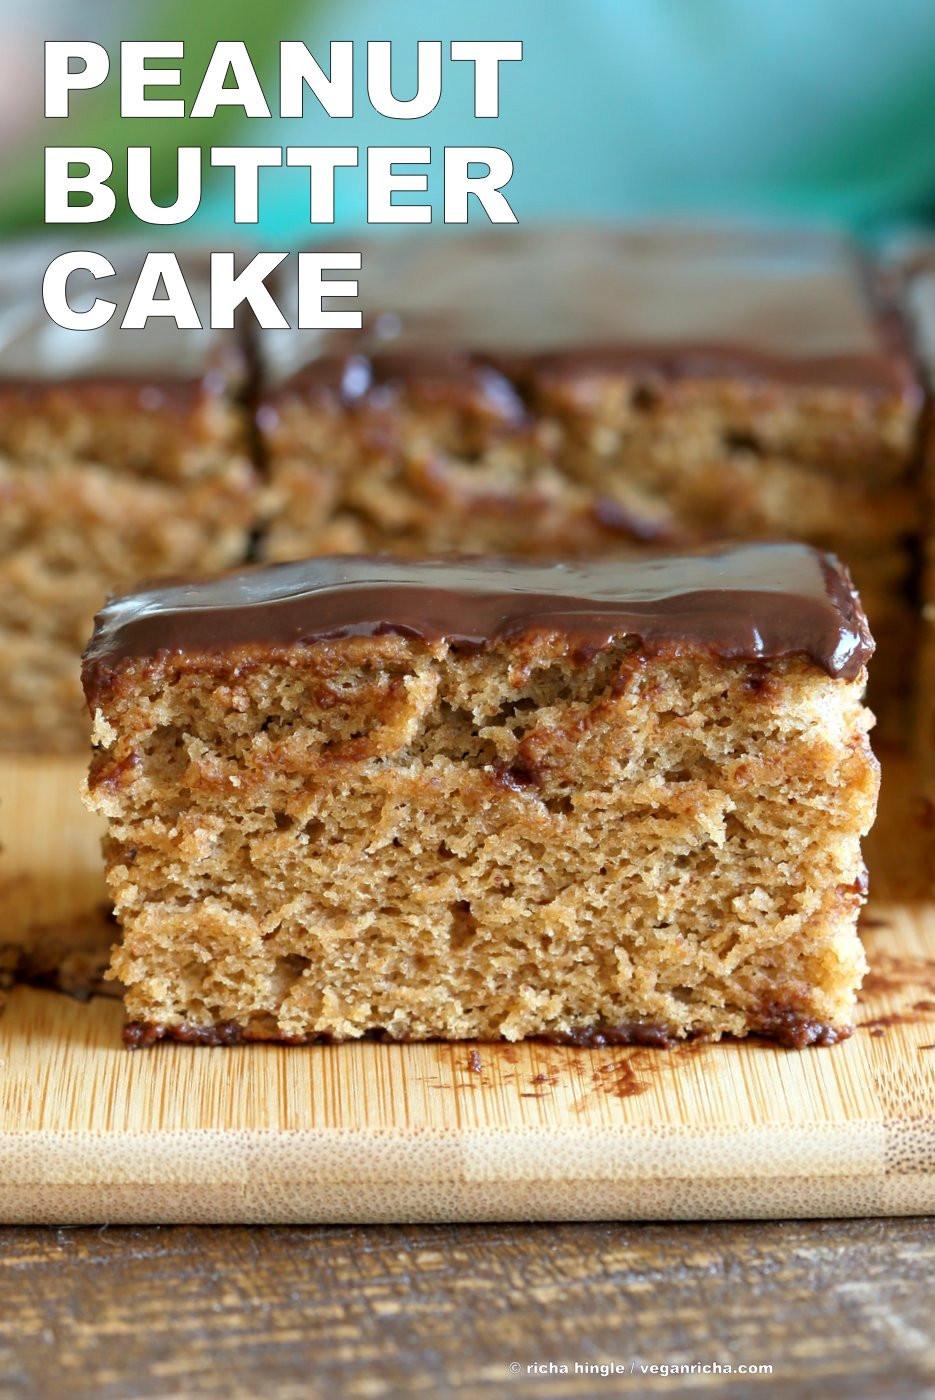 Peanut Butter Cake Recipe  Vegan Peanut Butter Cake with Chocolate Peanut Butter